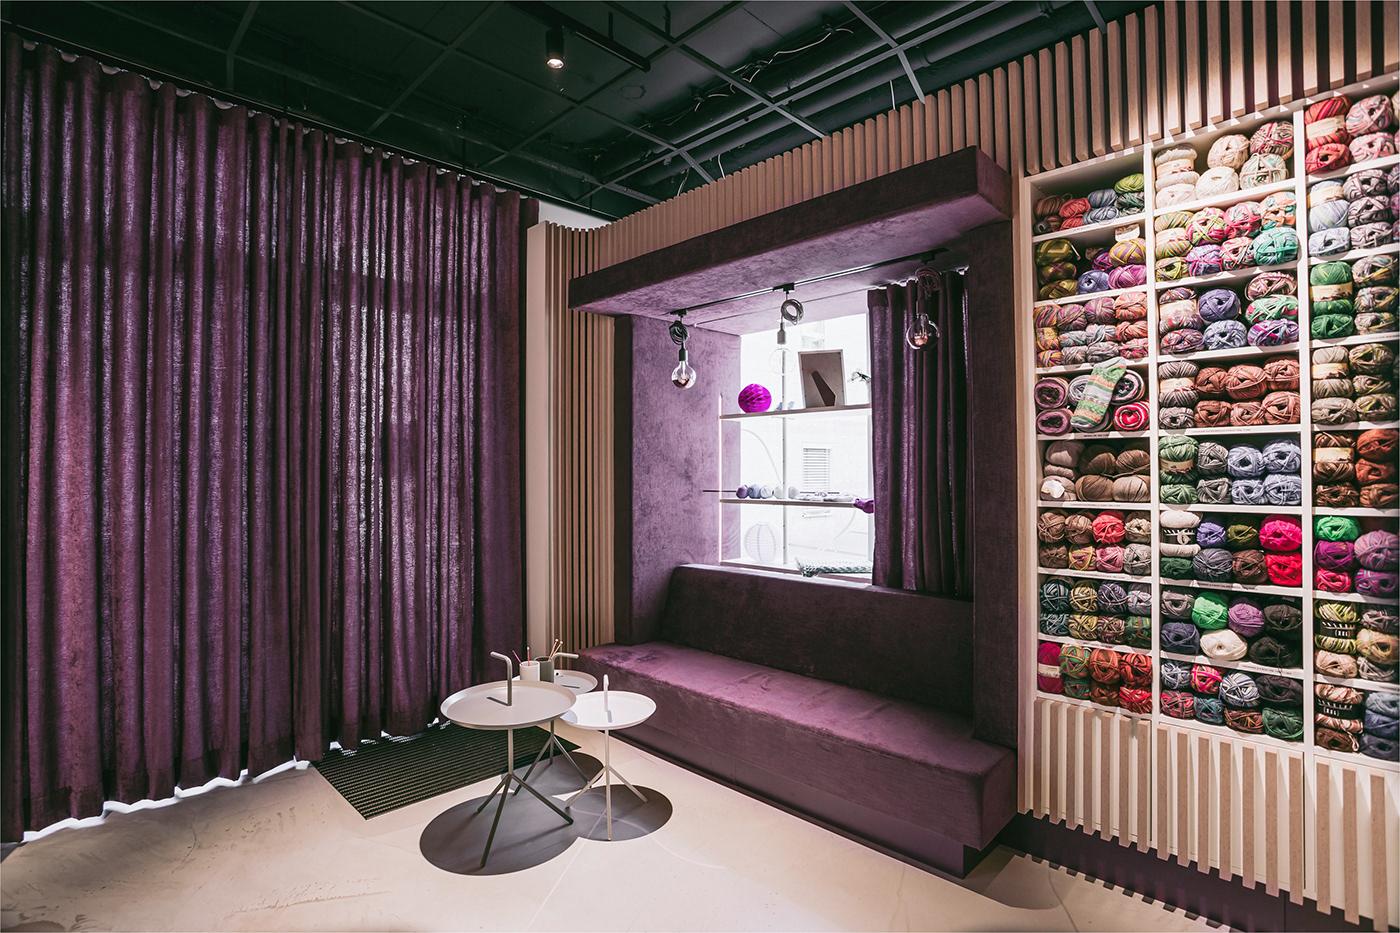 architecture branding  brandspace design handwerk Interior interiordesign manufacture shop wool